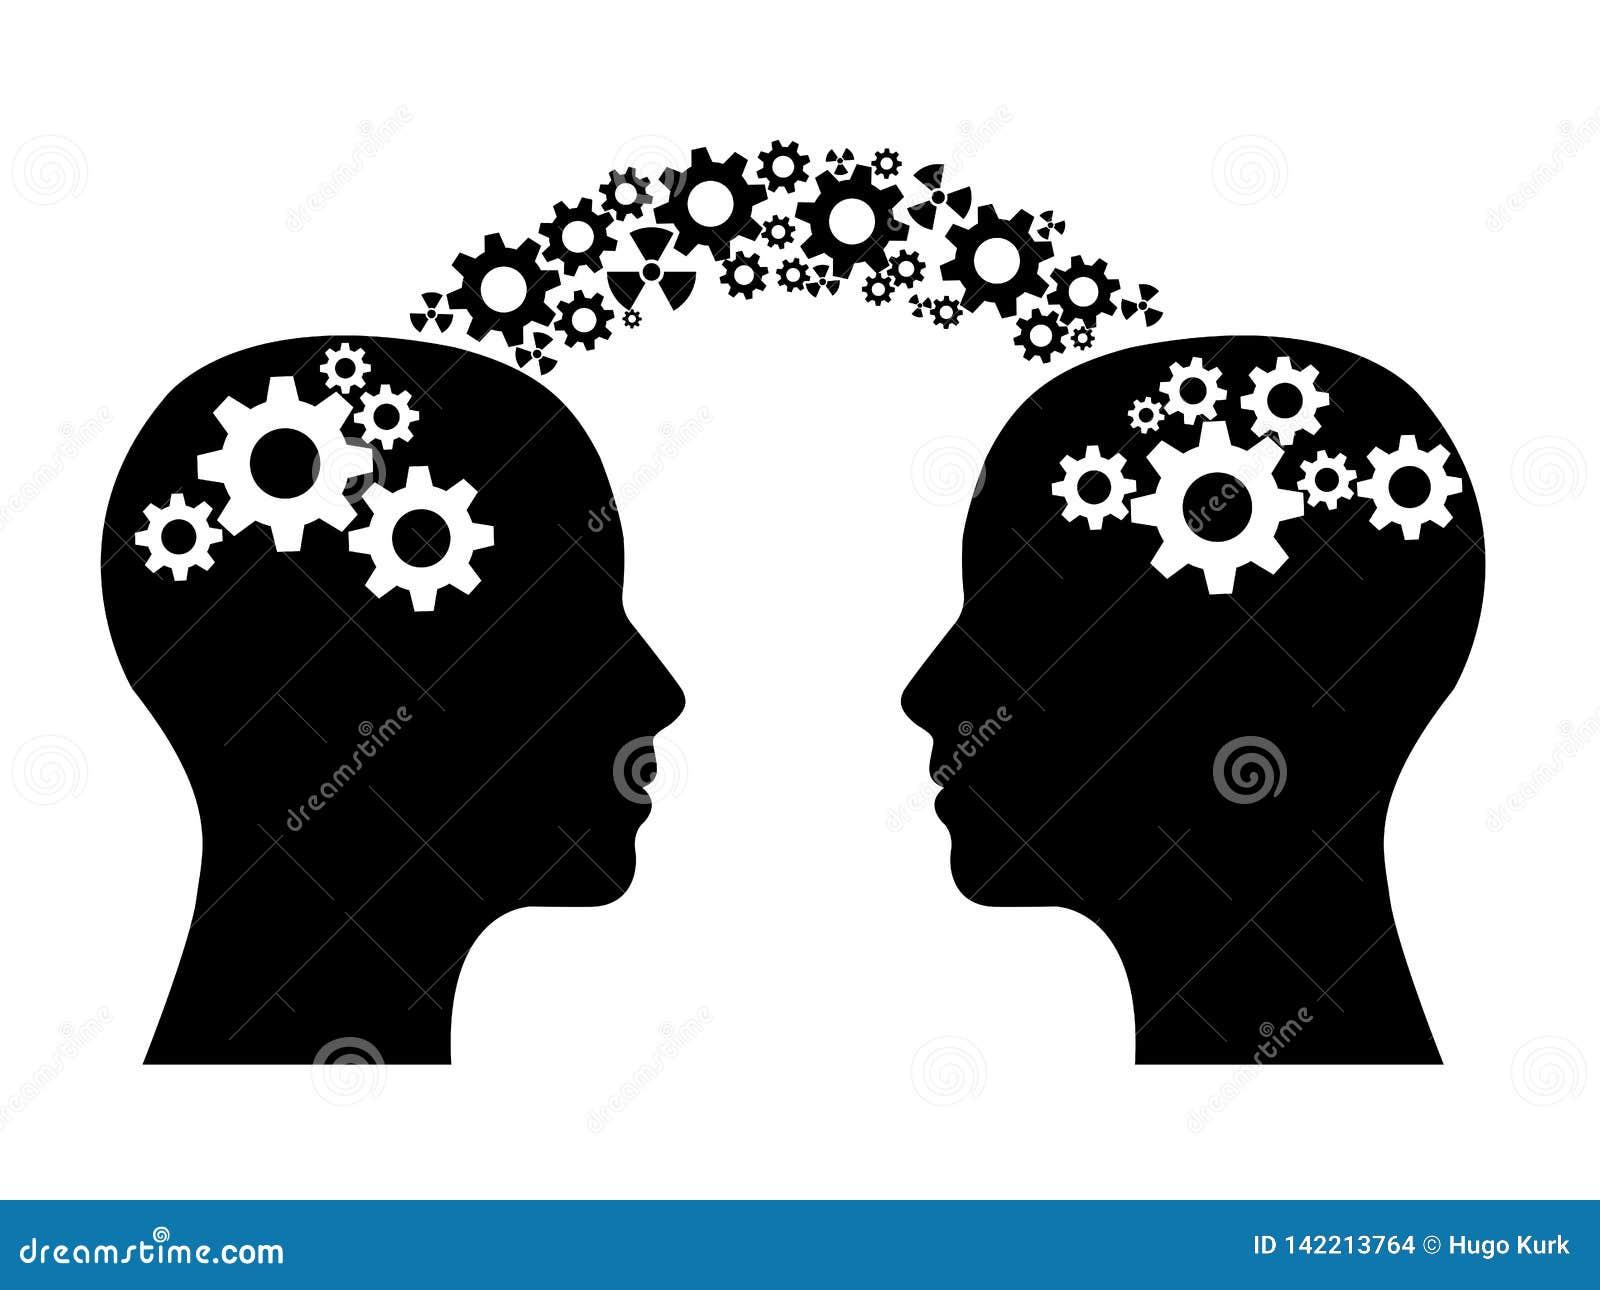 Zwei Köpfe, die Wissen teilen